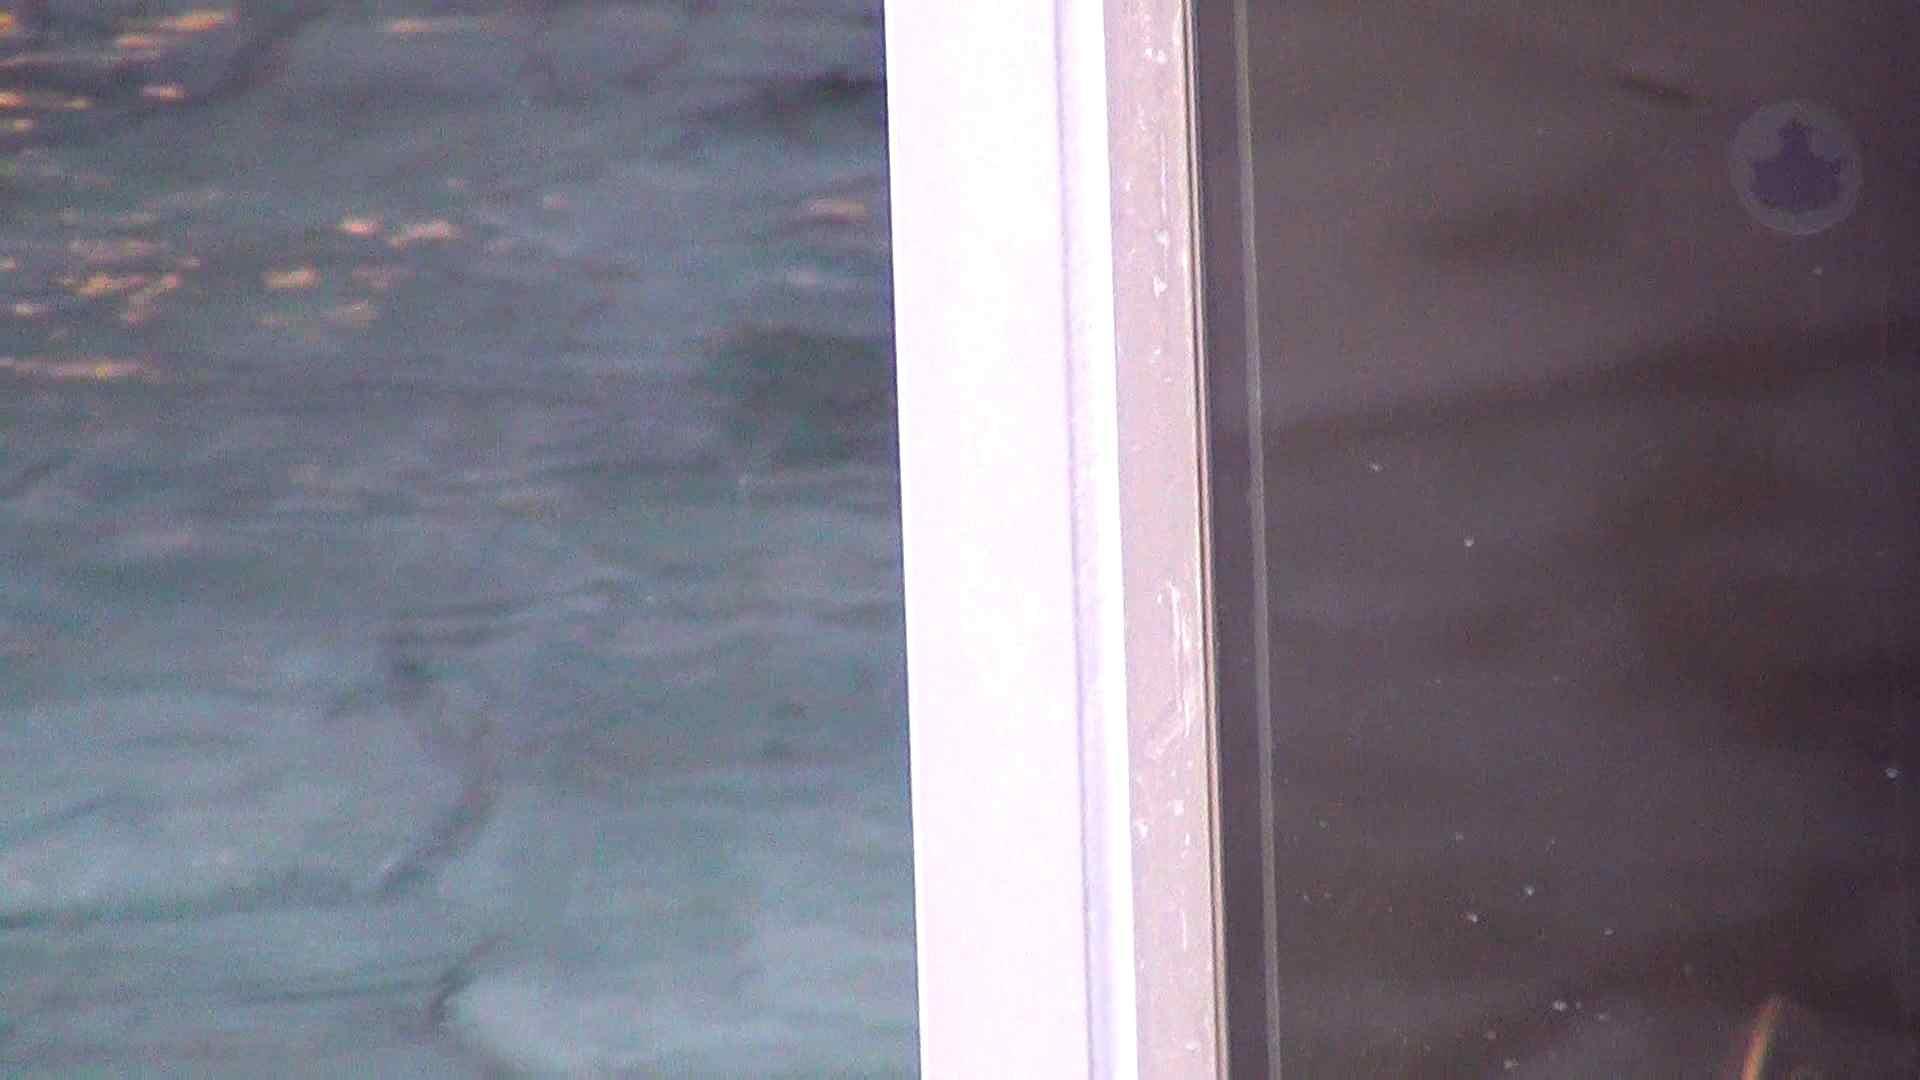 Aquaな露天風呂Vol.290 盗撮 | 露天  104pic 44